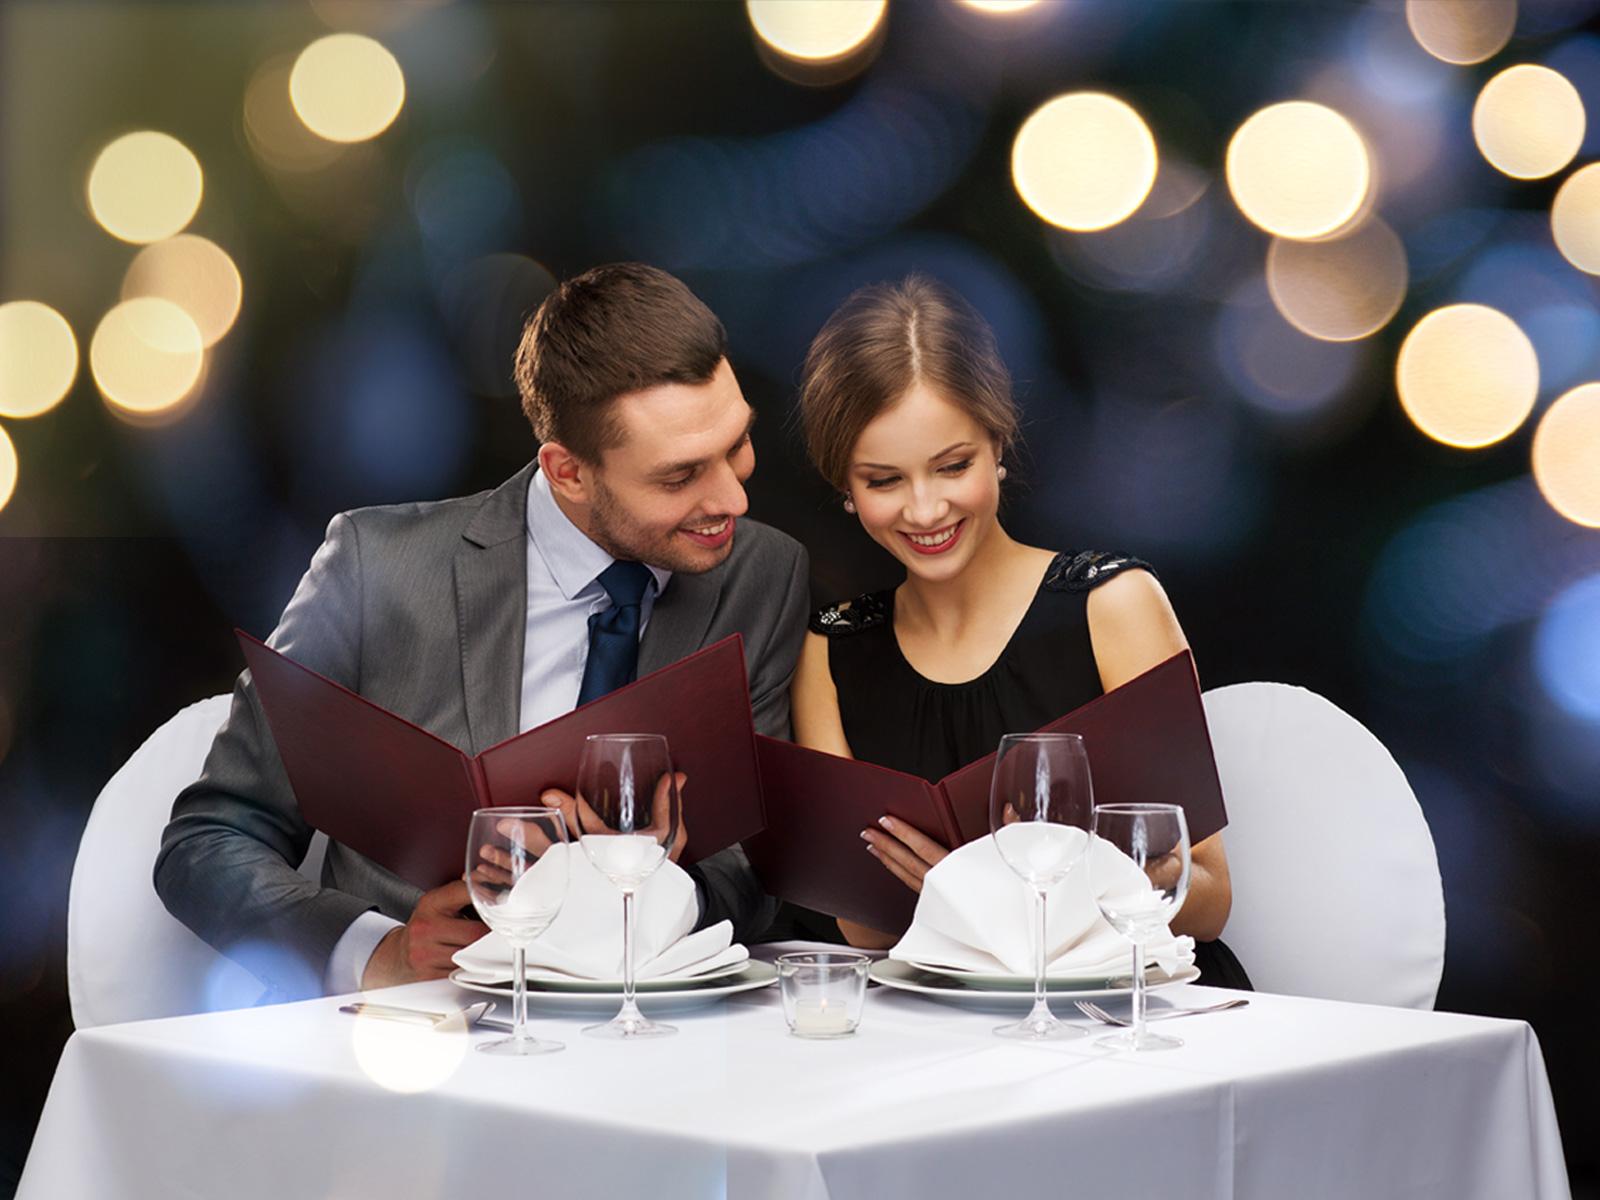 פרוטוקול מסעדות TLL Hospitality